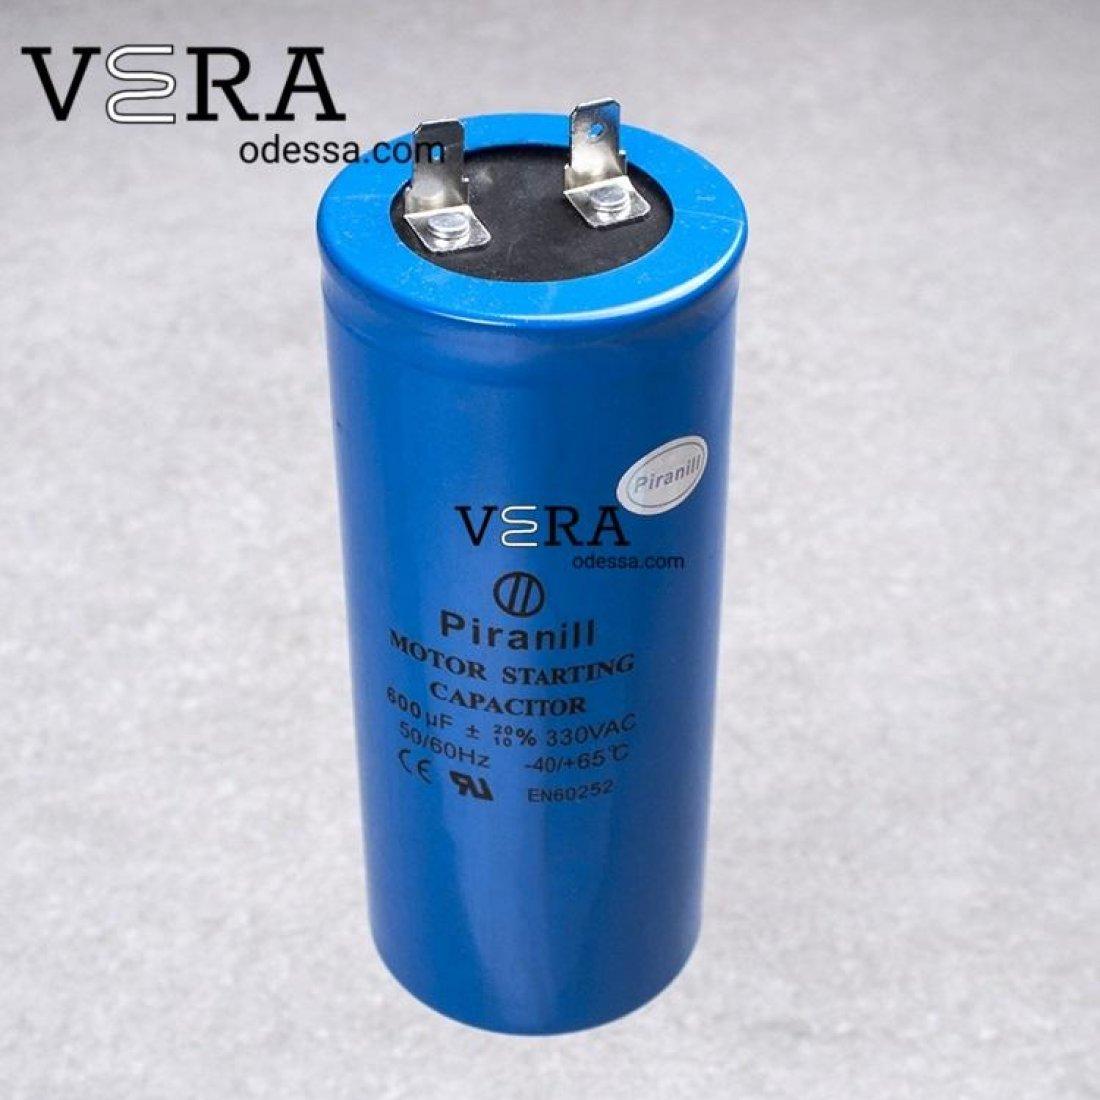 Купити конденсатор пусковий 600 мкф 330 V оптом, фотографія 1